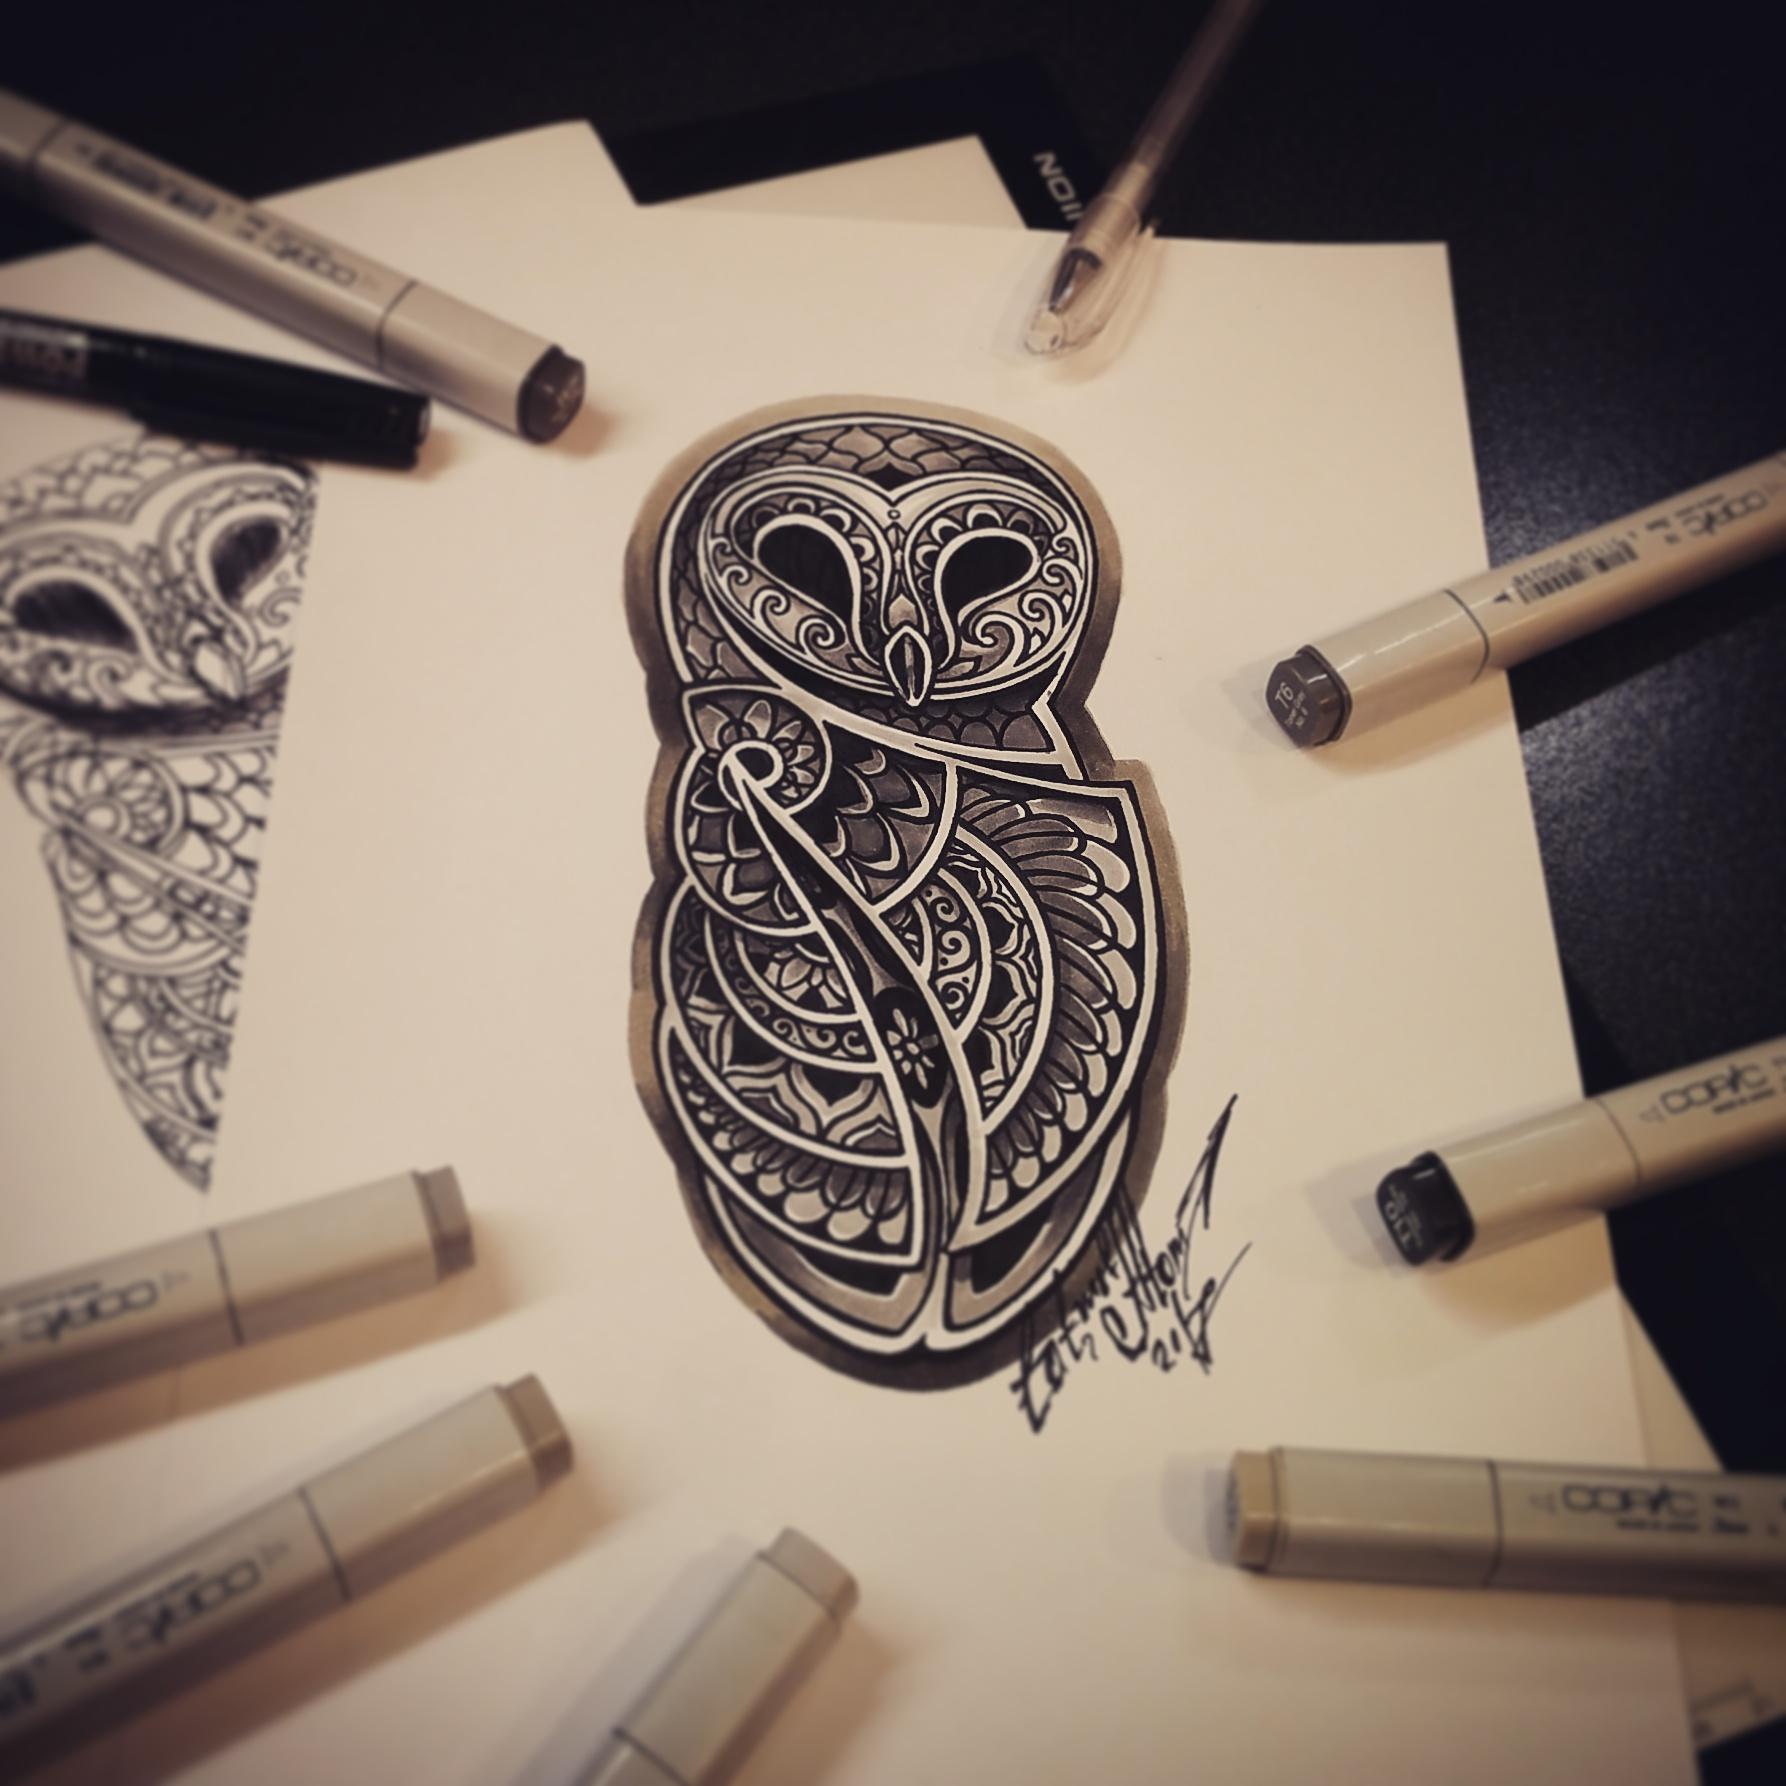 тату эскиз сова кельтский орнамент